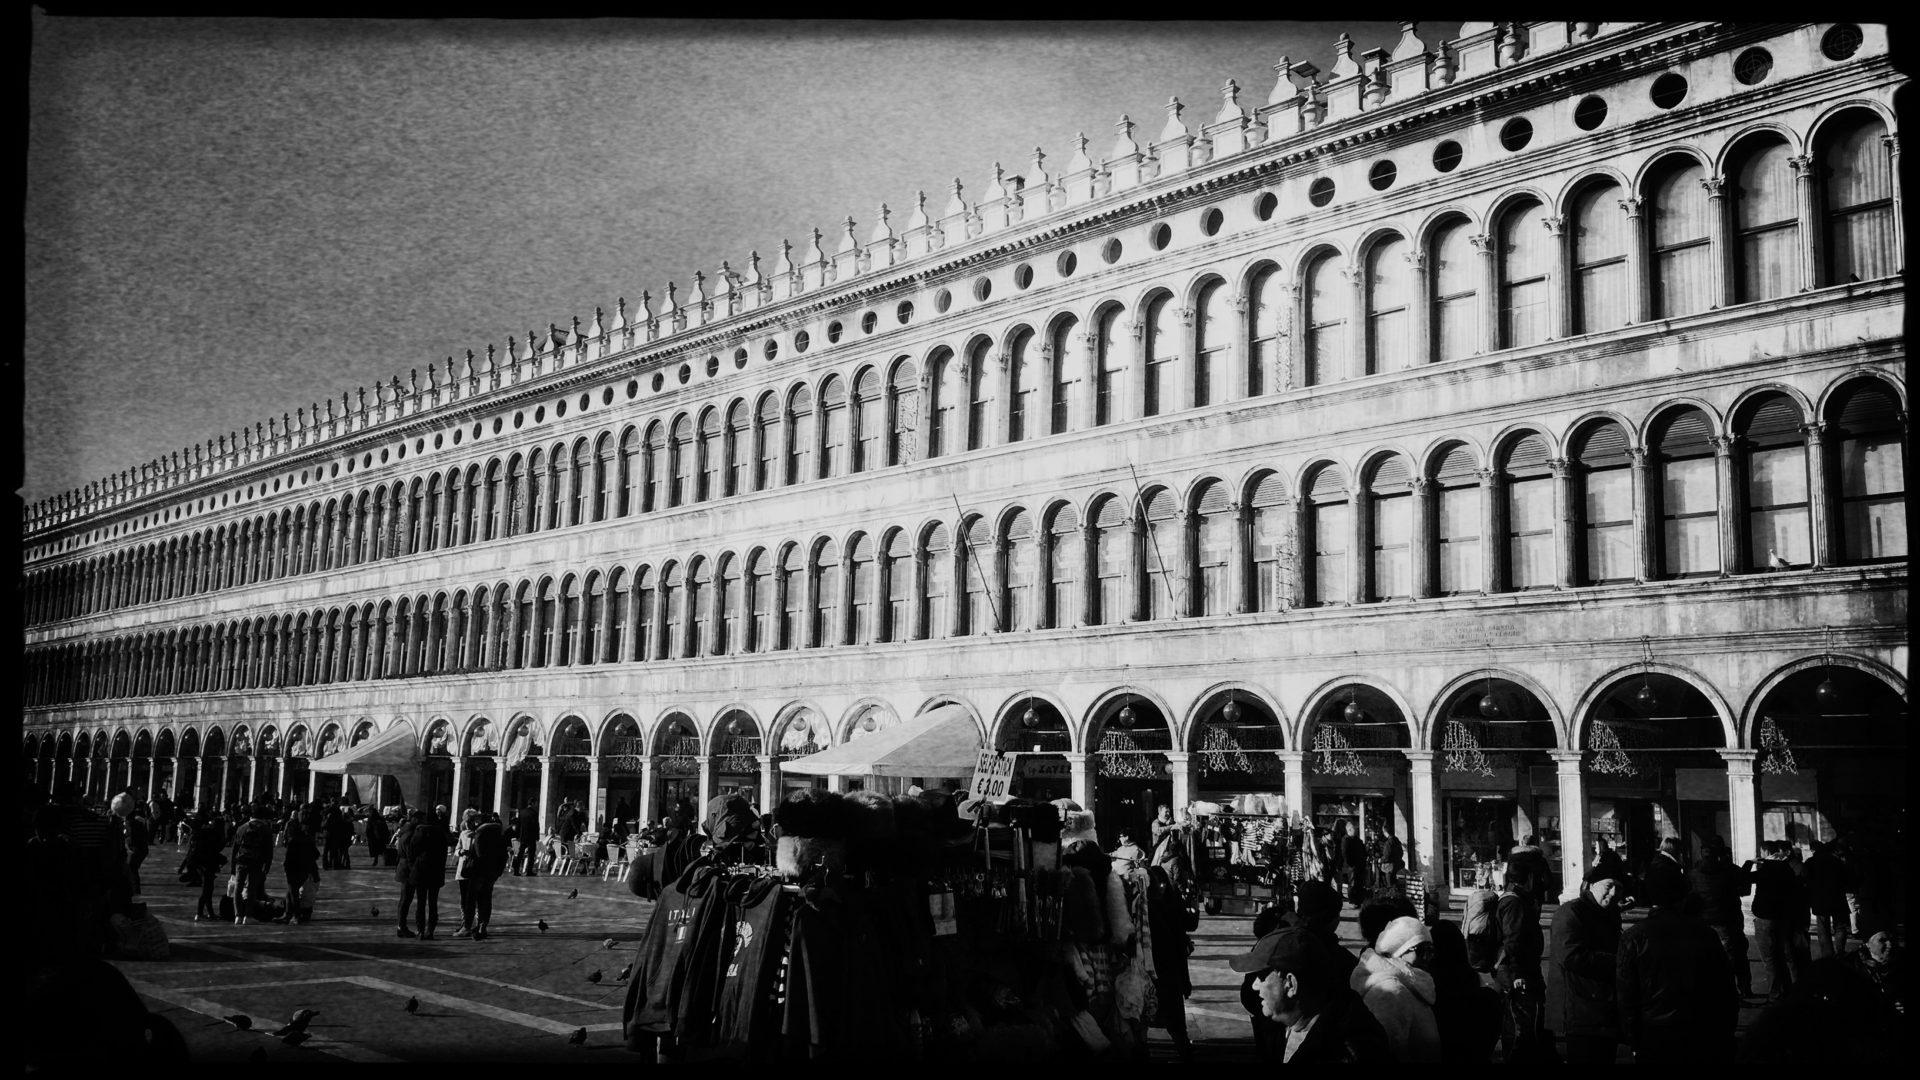 Kein Rad in Sicht: Der Markusplatz in Venedig. F